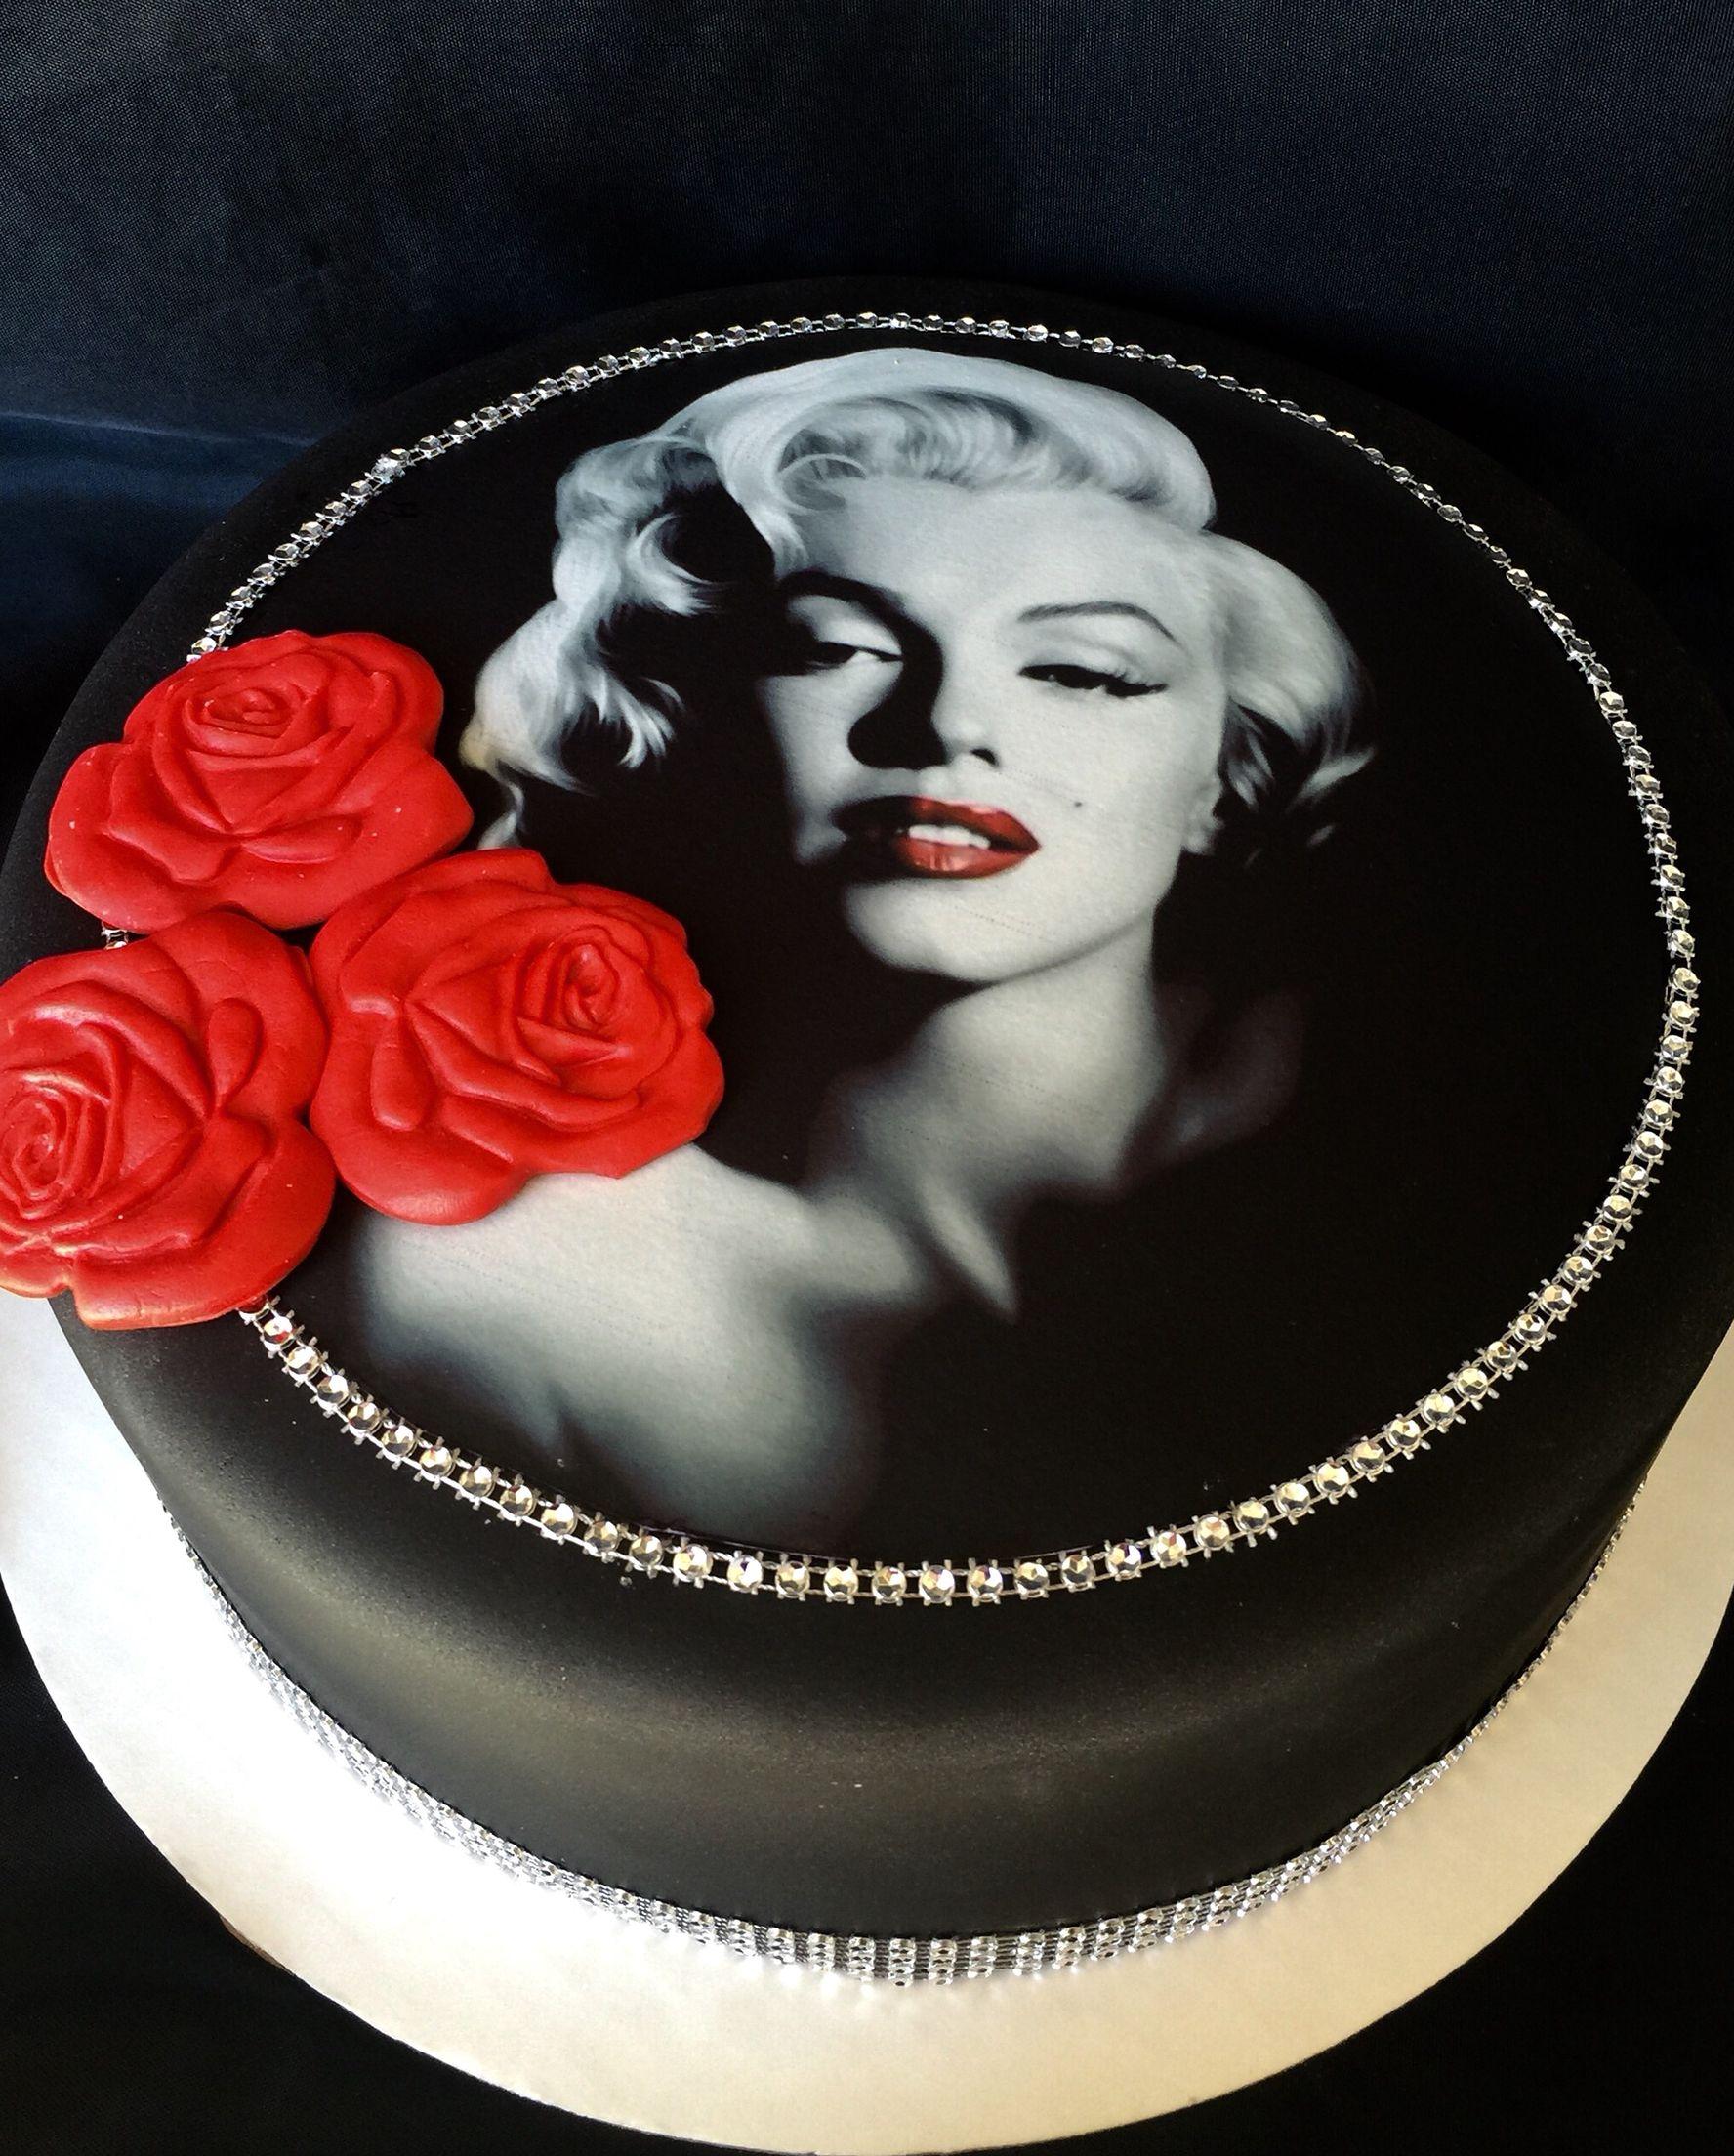 Marilyn Monroe Cake Cakes In 2018 Pinterest Cake Birthday